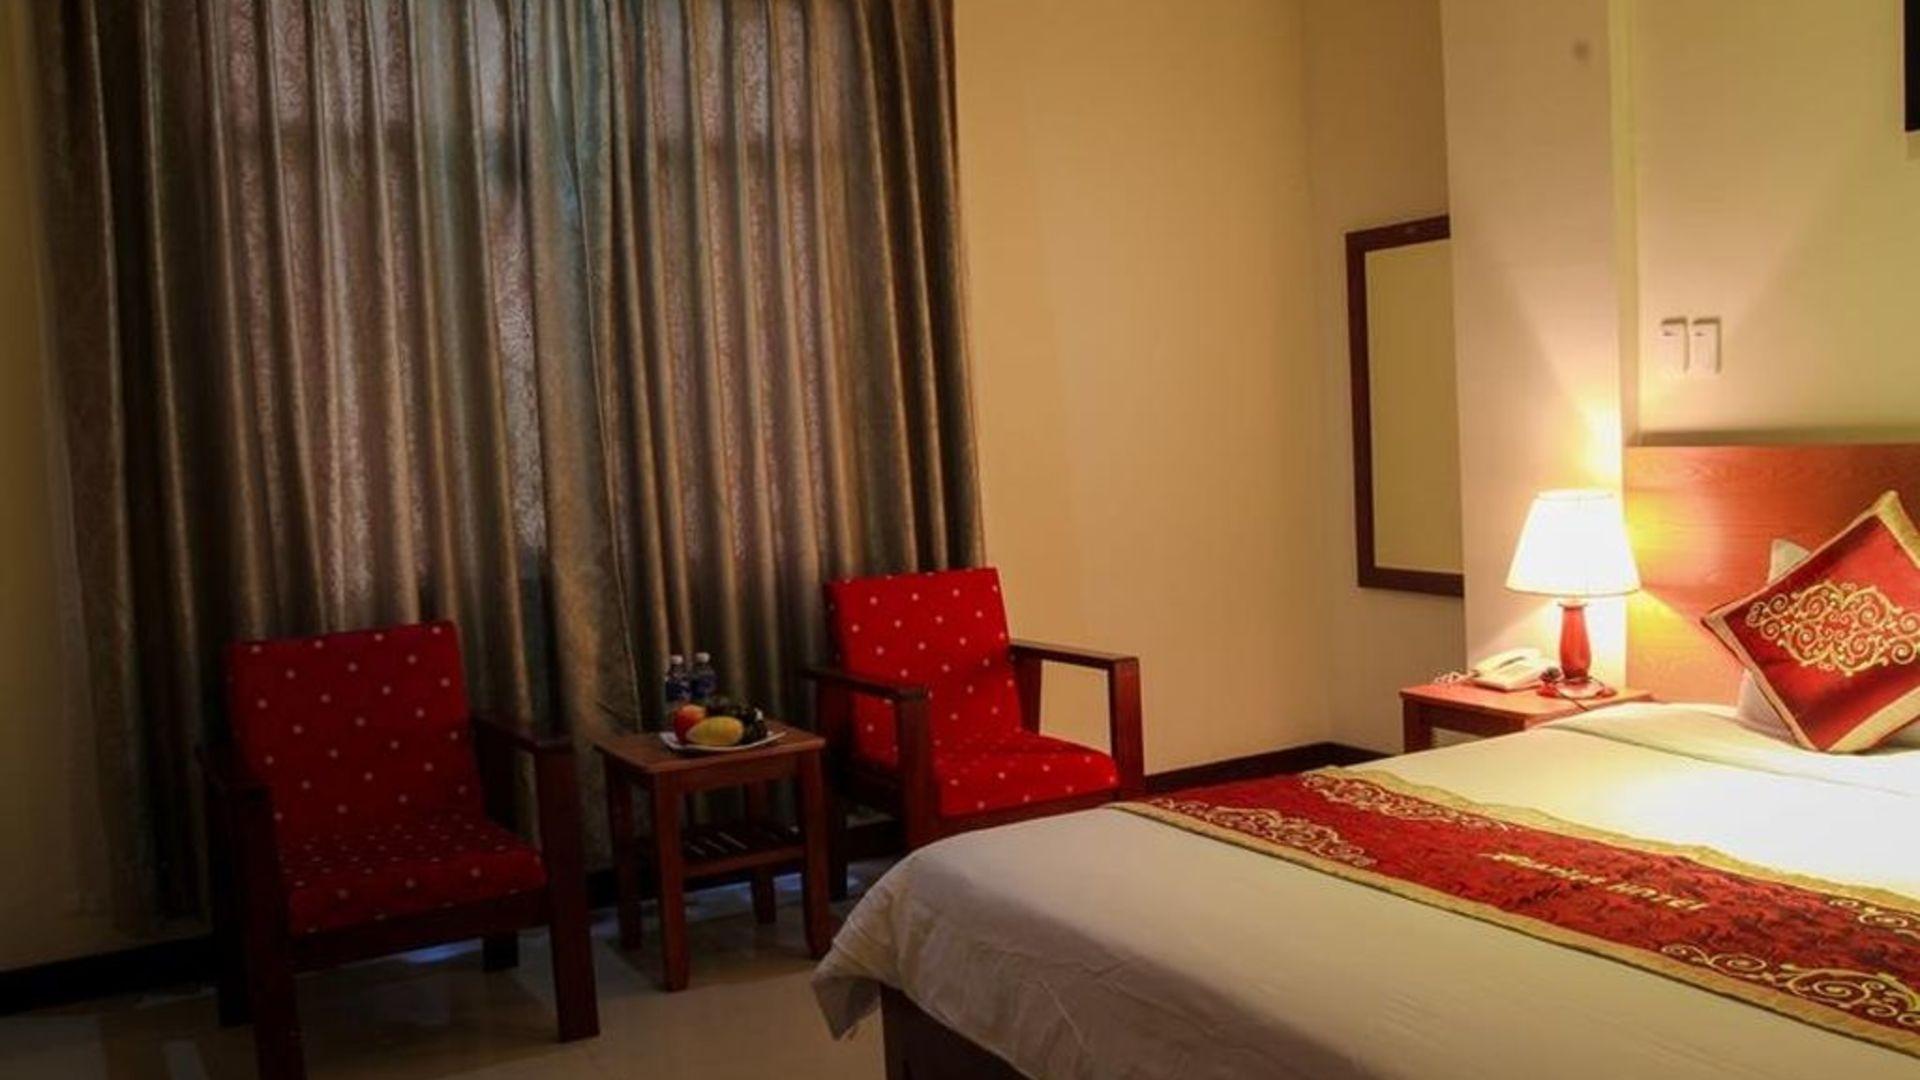 Фото туристов отель старлет вьетнам